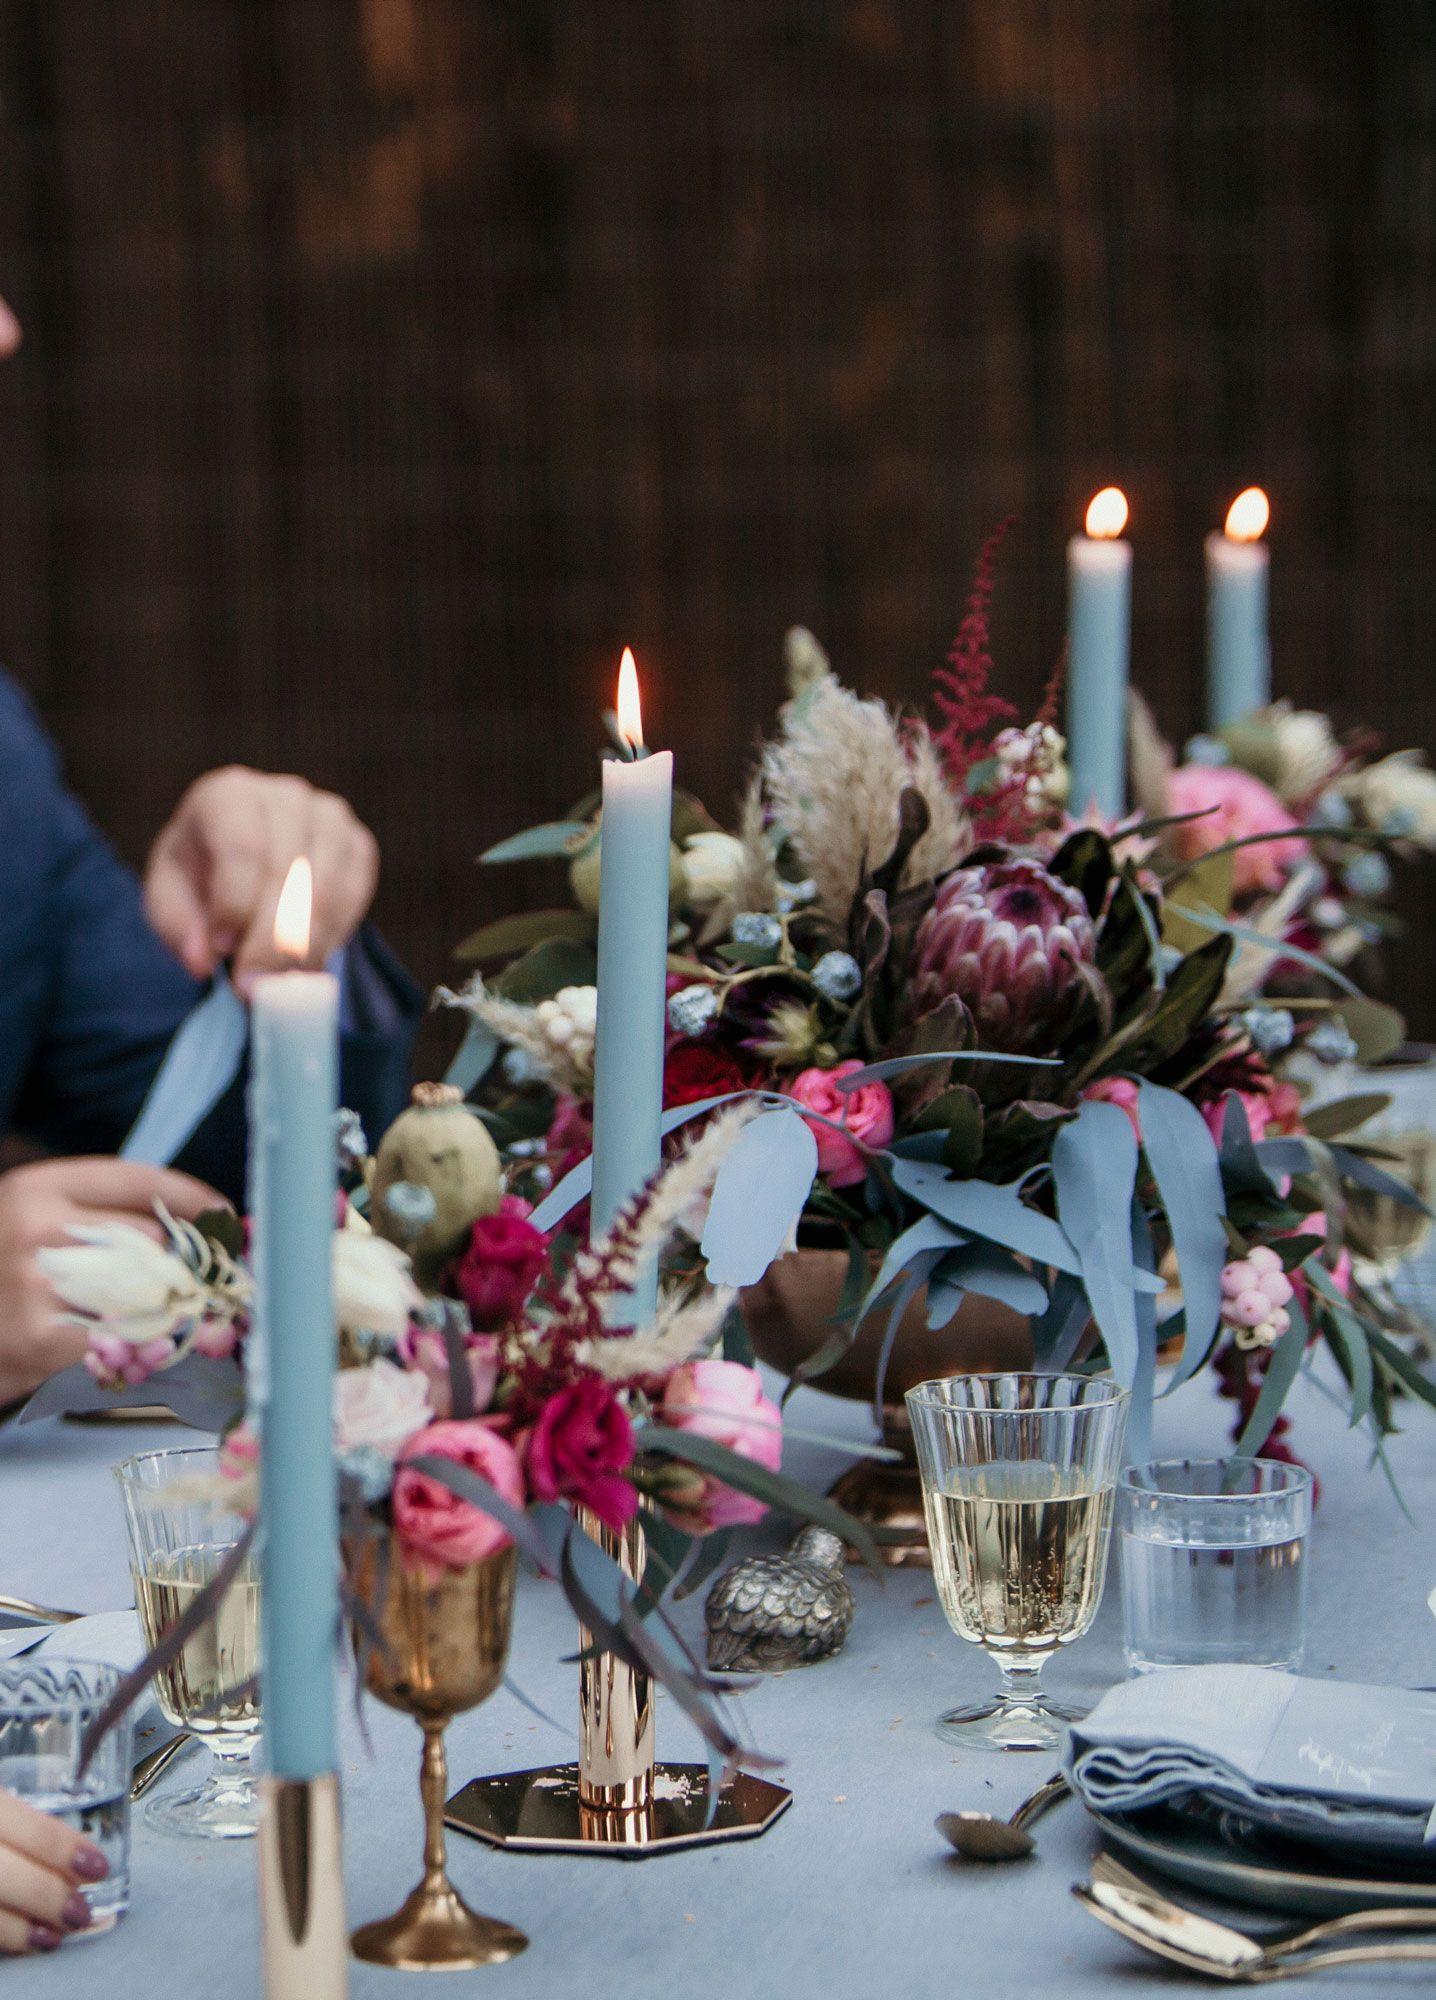 Blumen Hochzeit, Blumen Hochzeit, Blumen Hochzeit Tischdekoration, Blumen Hochzeit so …